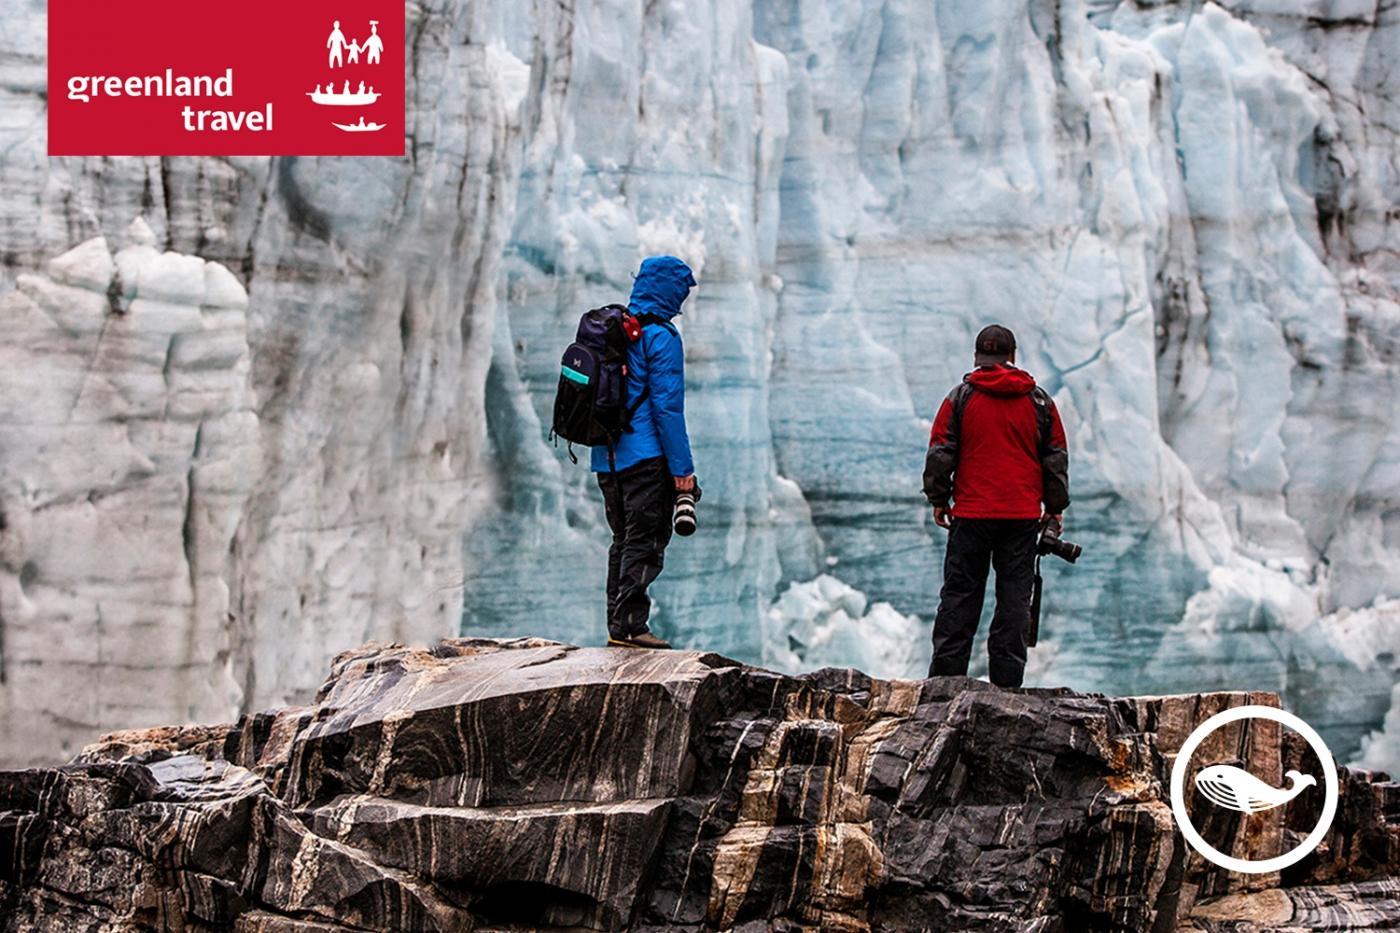 Greenland Travel: Die klassische Grönlandreise! Das goldene Dreieck